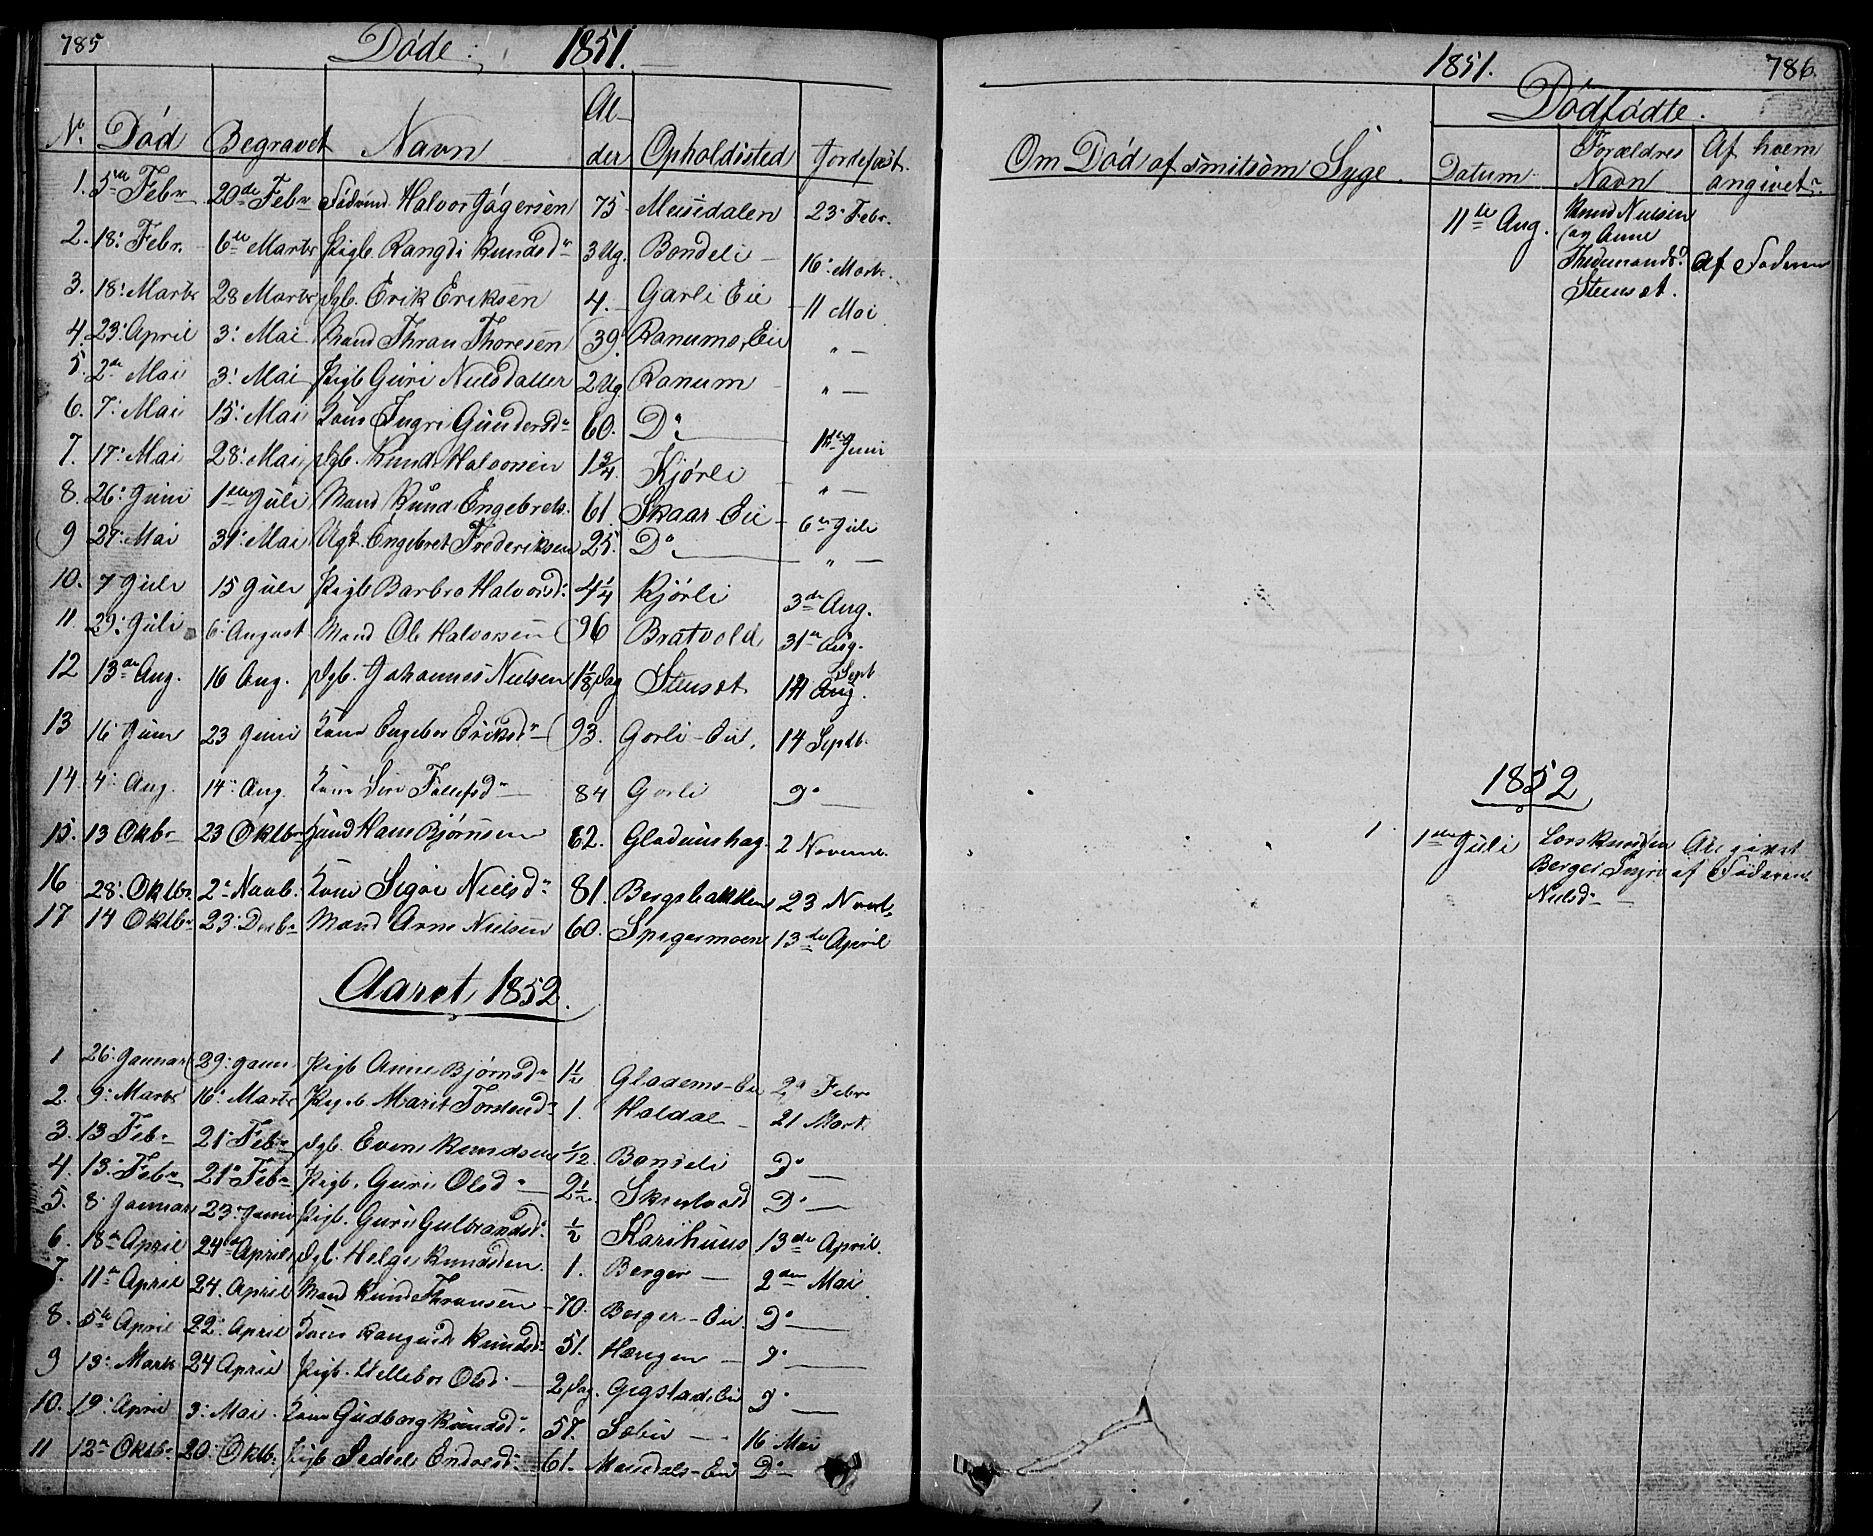 SAH, Nord-Aurdal prestekontor, Klokkerbok nr. 1, 1834-1887, s. 785-786